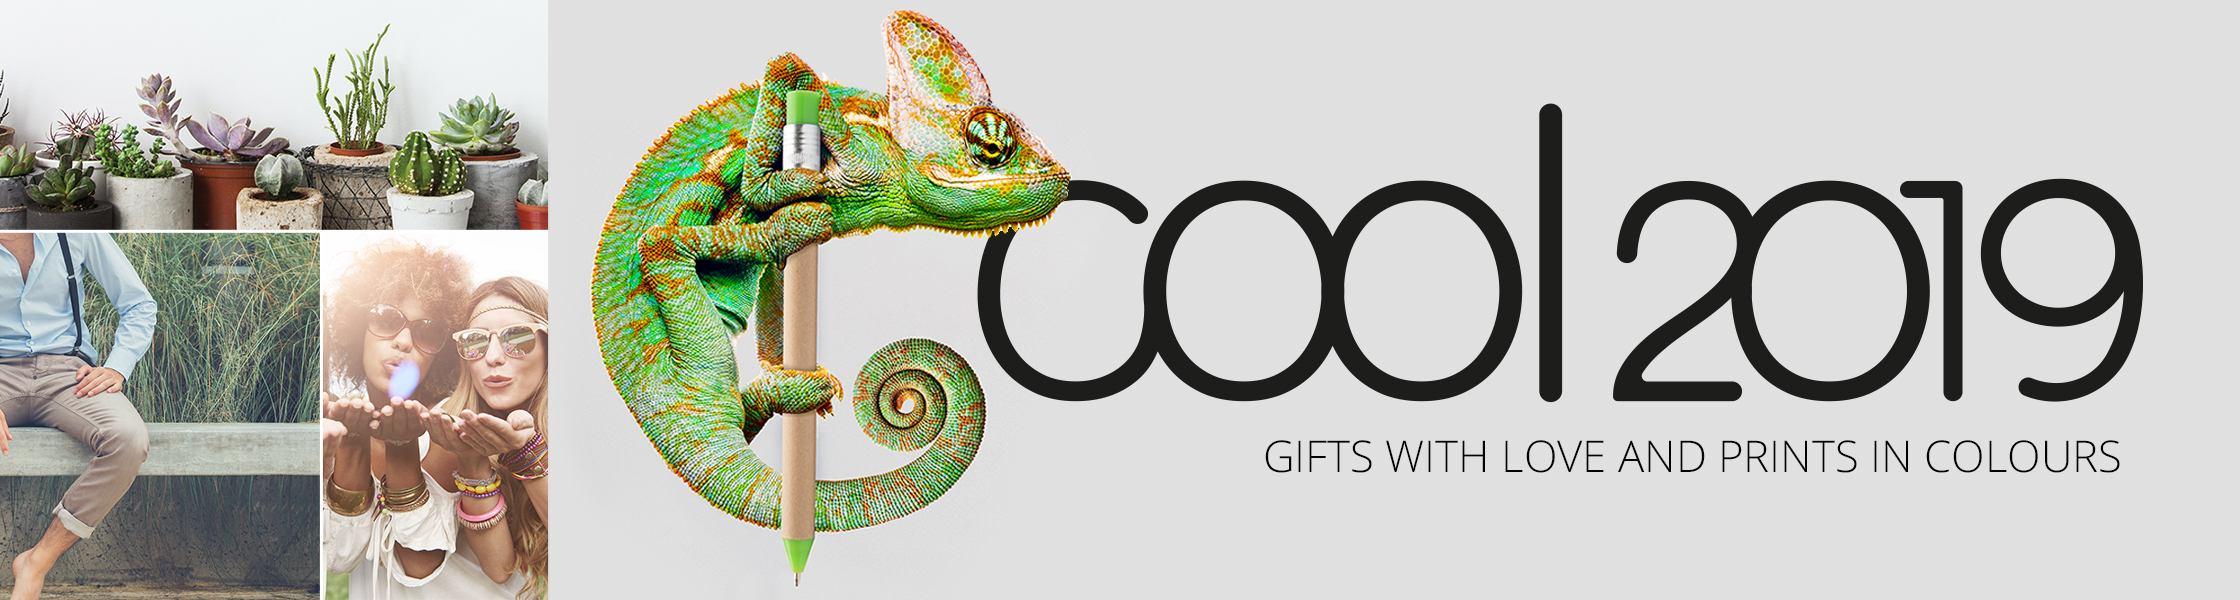 Dai un'occhiata al nostro catalogo COOL 2019!